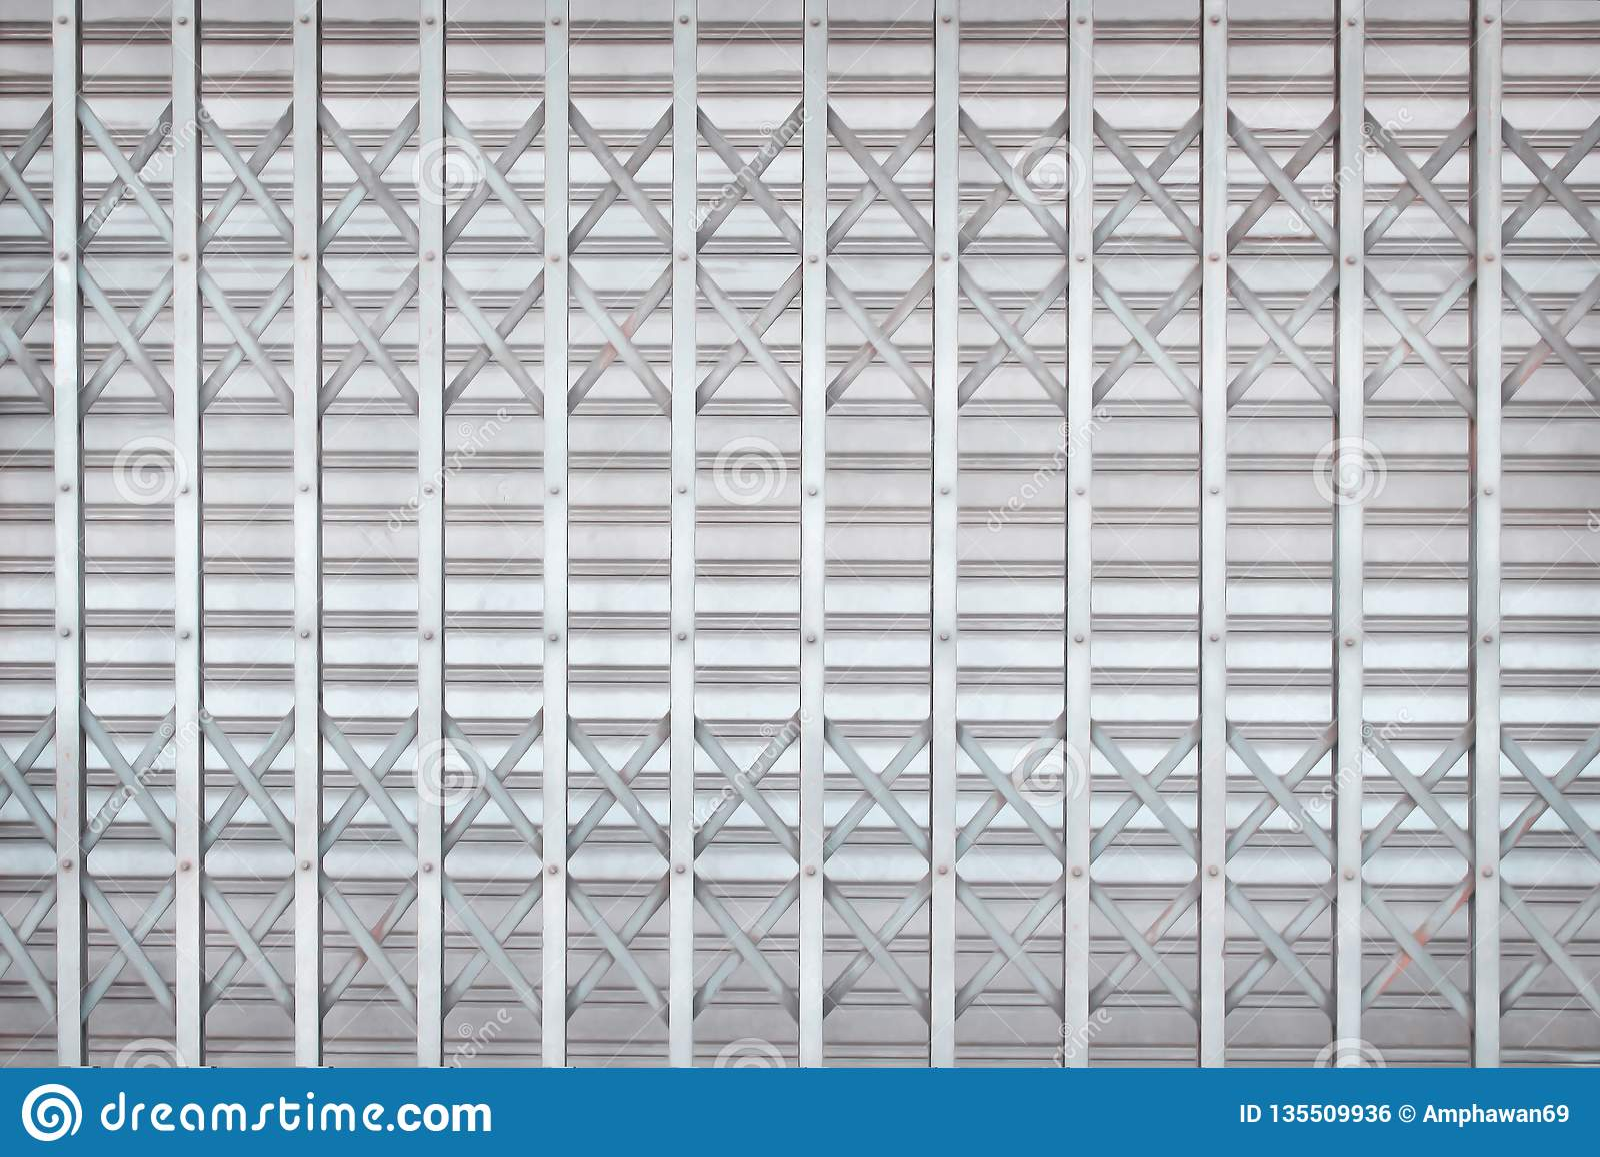 Grå färg- eller silverrullningsståldörren eller rullslutaredörren i flätar samman modeller för bakgrund